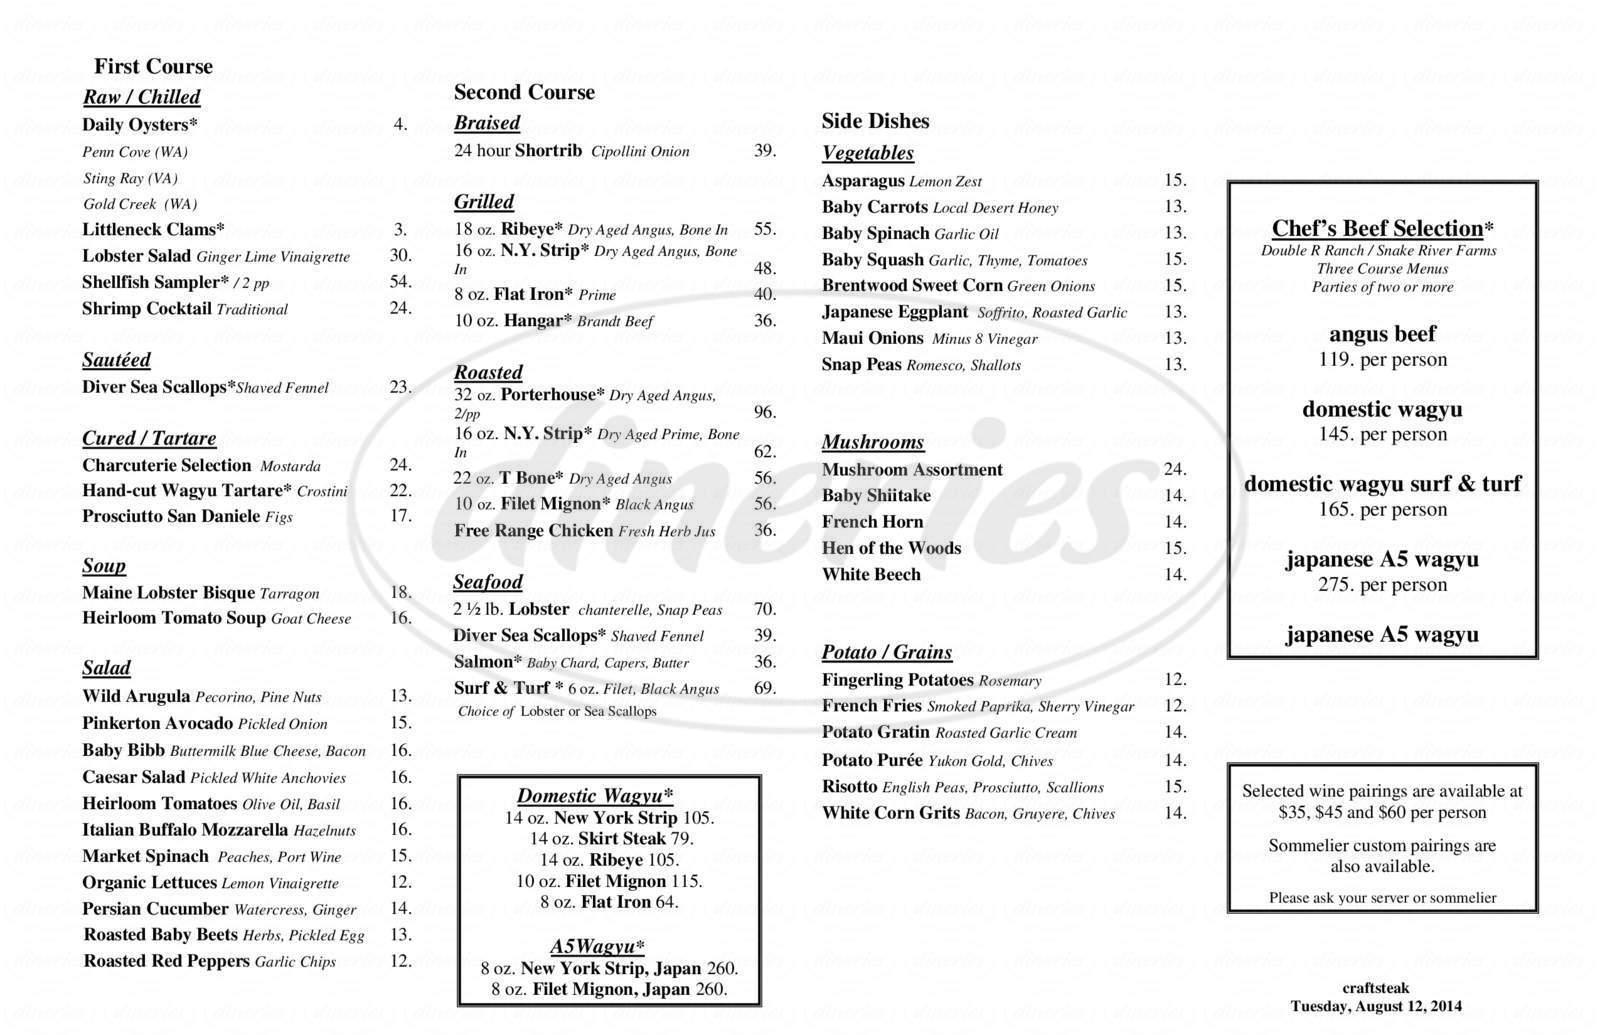 menu for Tom Colicchio's Craftsteak